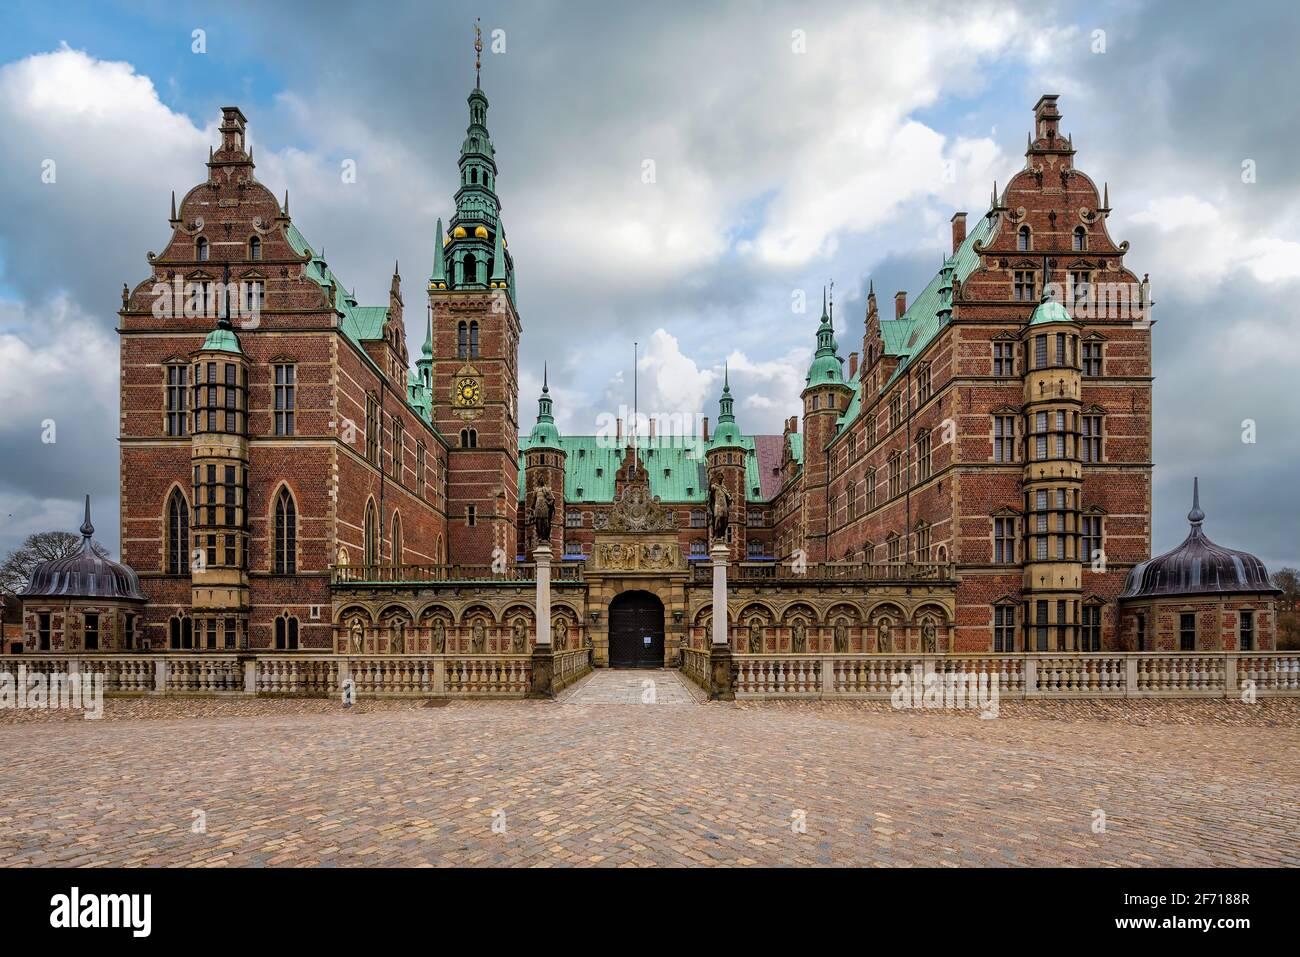 Hillerod, Dinamarca; 4 de abril de 2021 - construido a principios del siglo 17th, el Castillo Frederiksborg es uno de los castillos más famosos de Dinamarca. Foto de stock